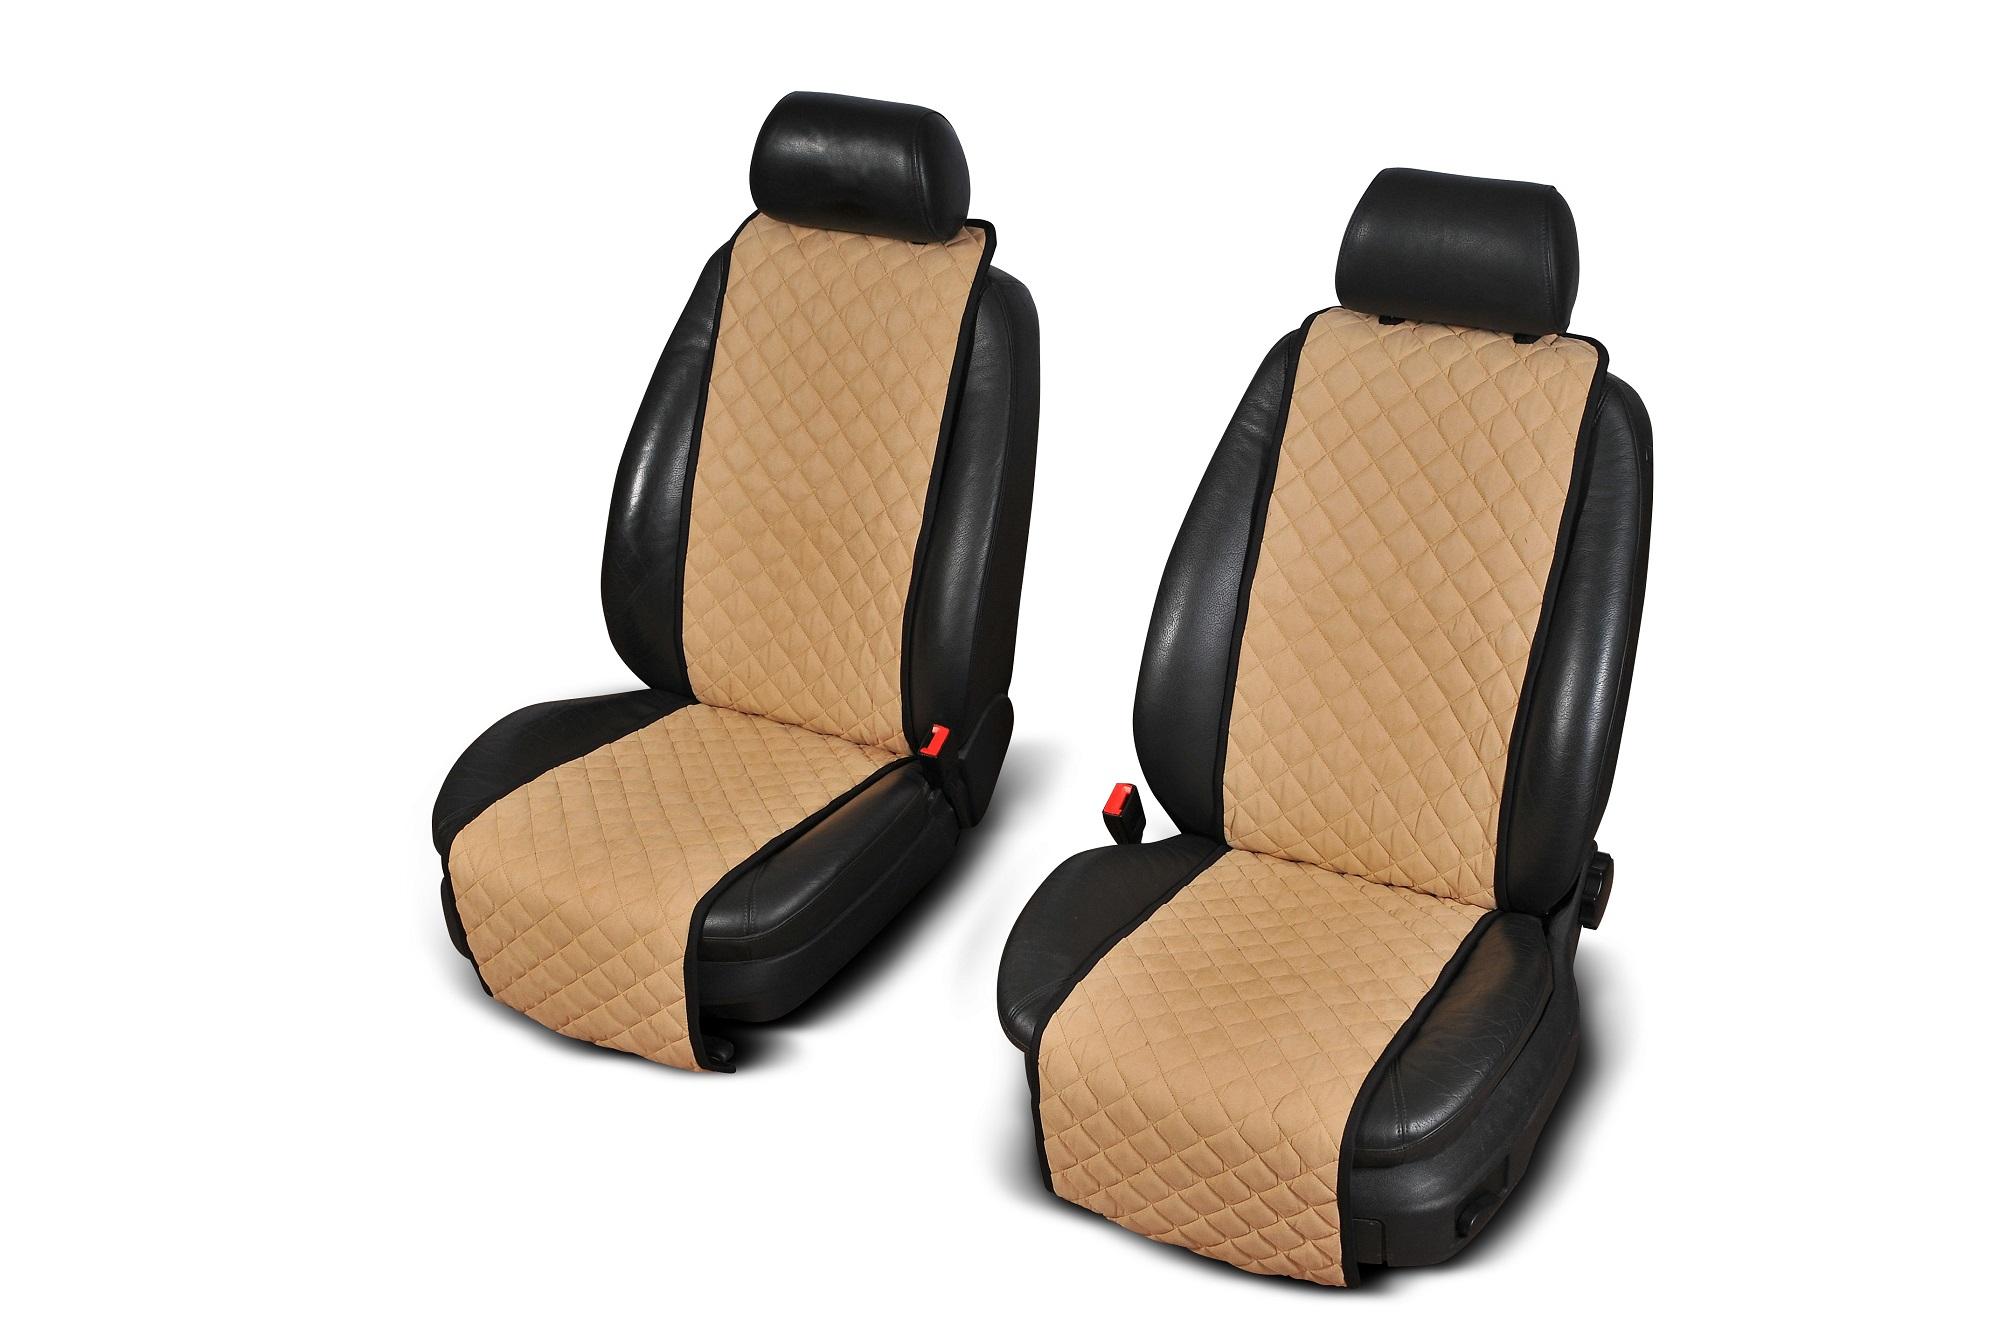 Autopotahy Cantra - Standardní. 2x autopotahy na přední sedadla Barva: Černá s červeným prošíváním